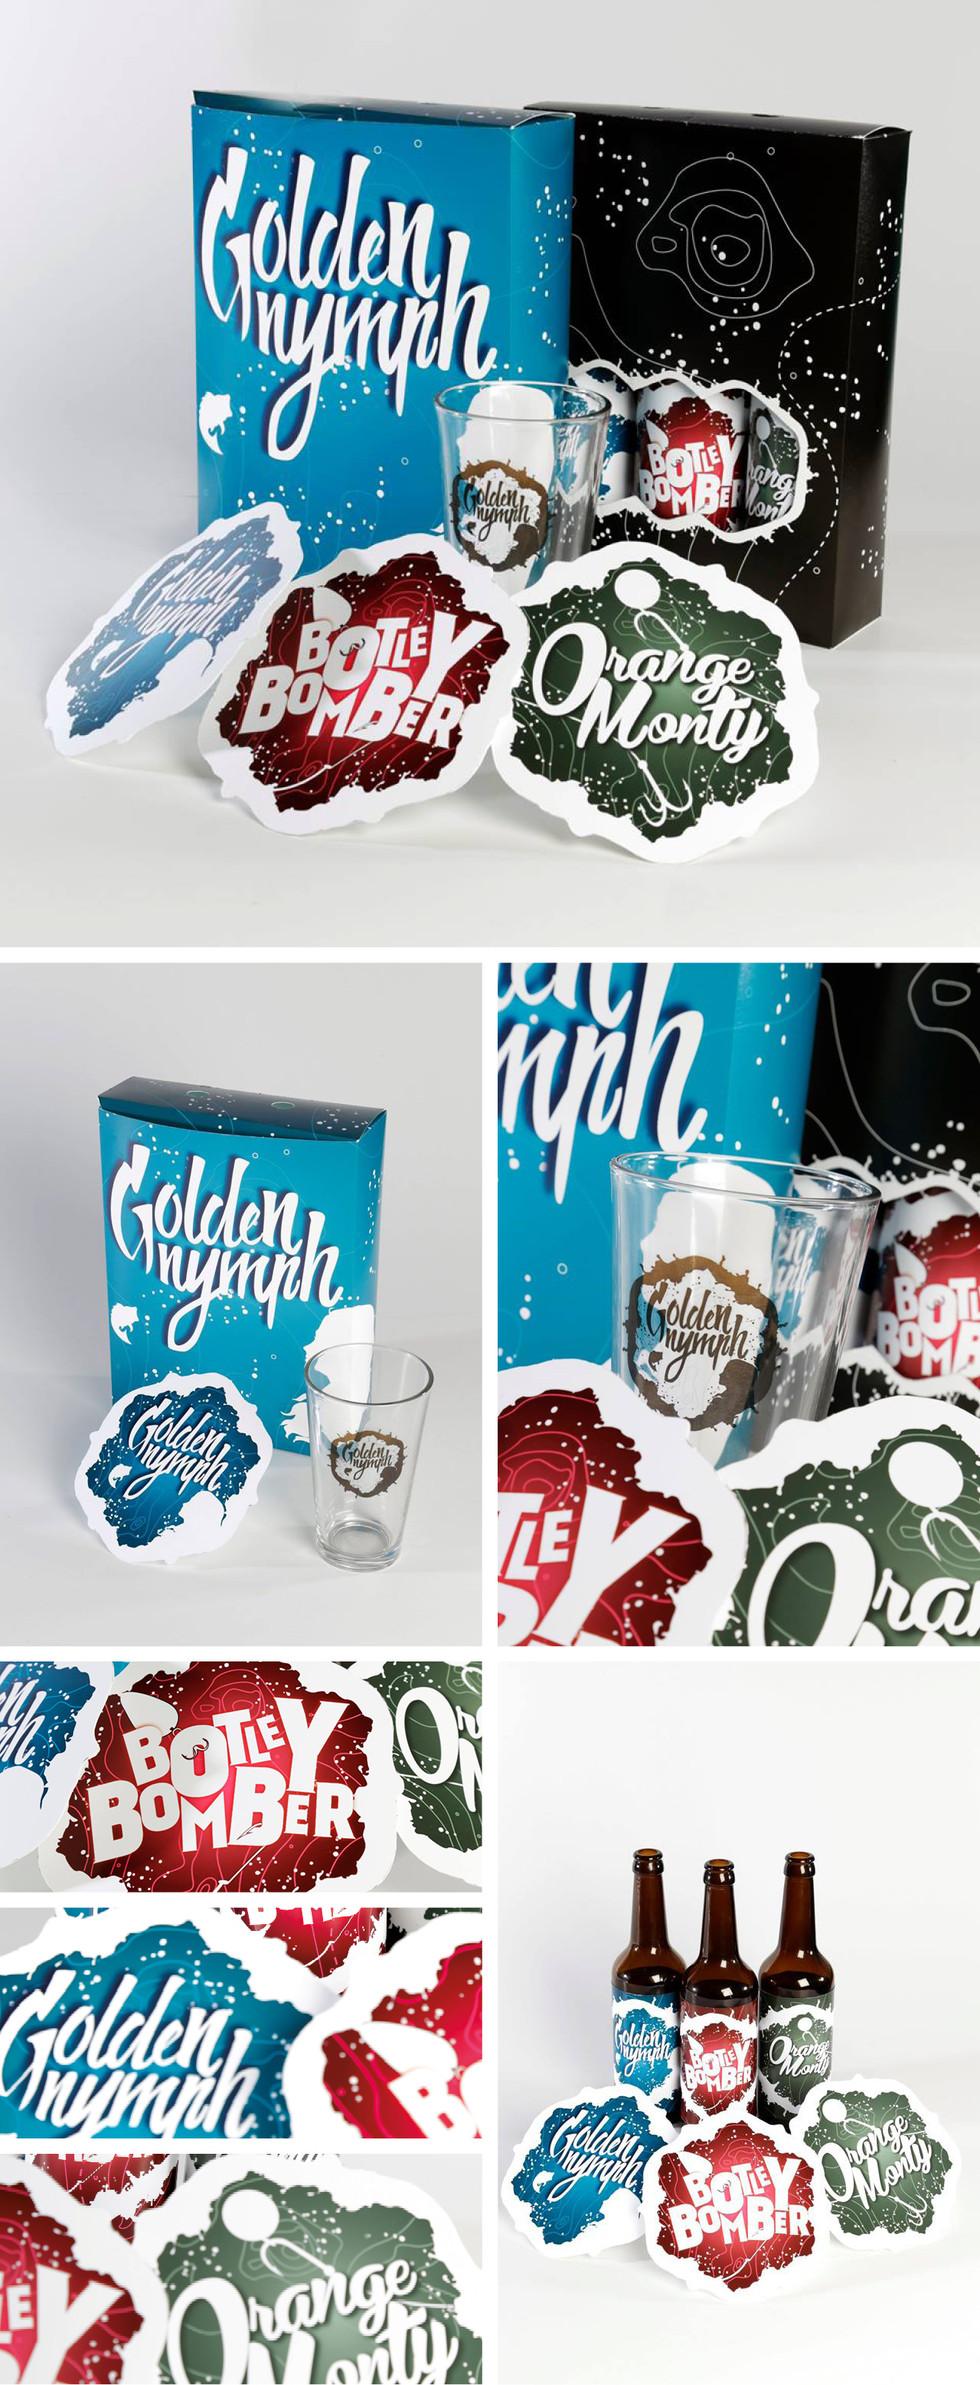 Beer Bottles_Colour.jpg